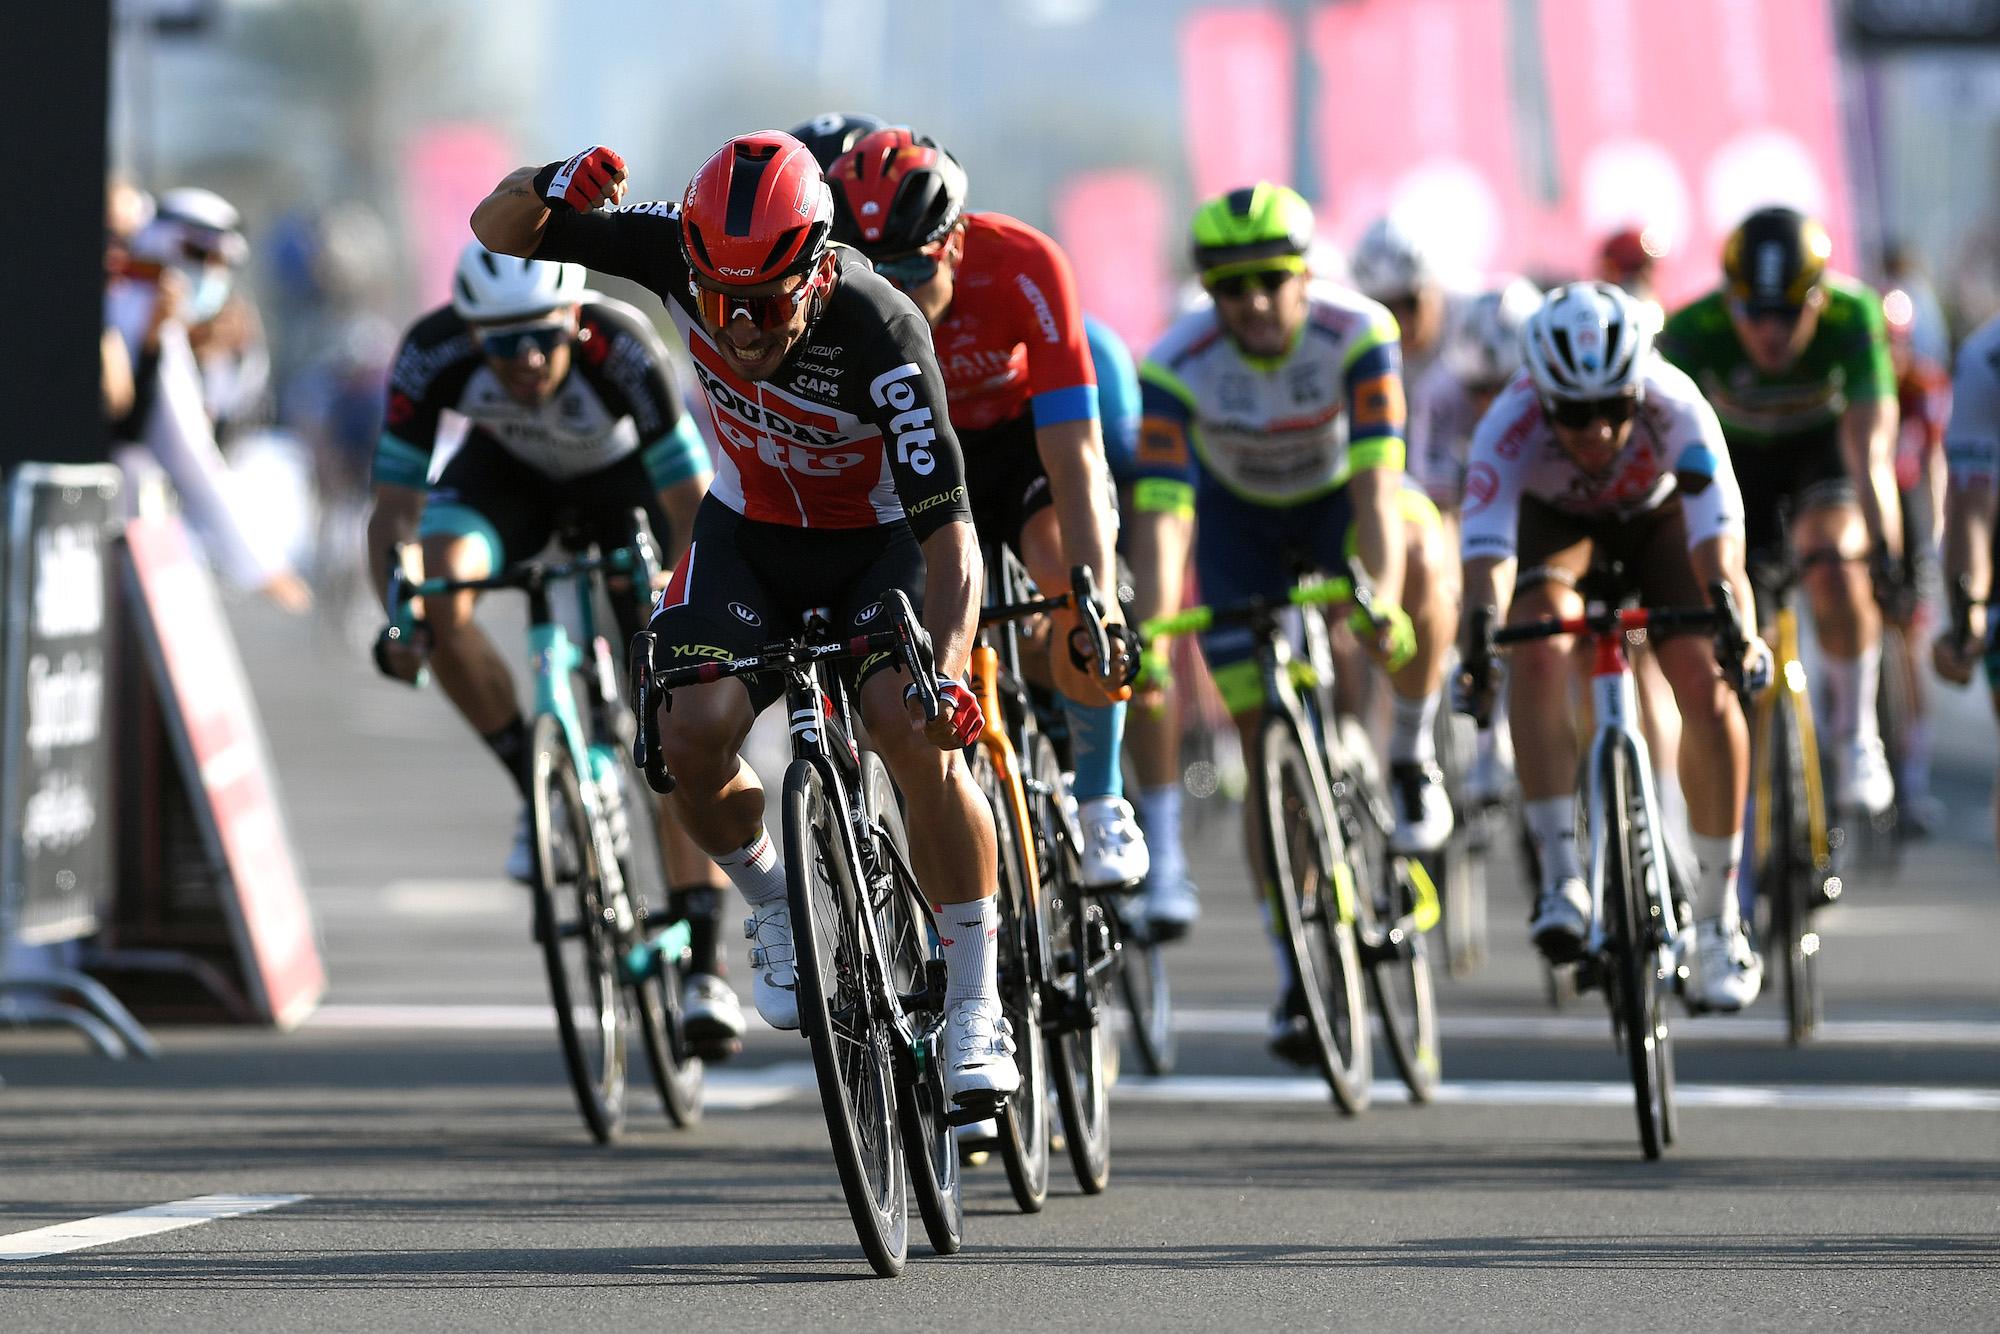 Caleb Ewan donne à Sam Bennett la victoire dans la septième étape du Tour des Émirats arabes unis alors que Tadej Pogačar scelle le général